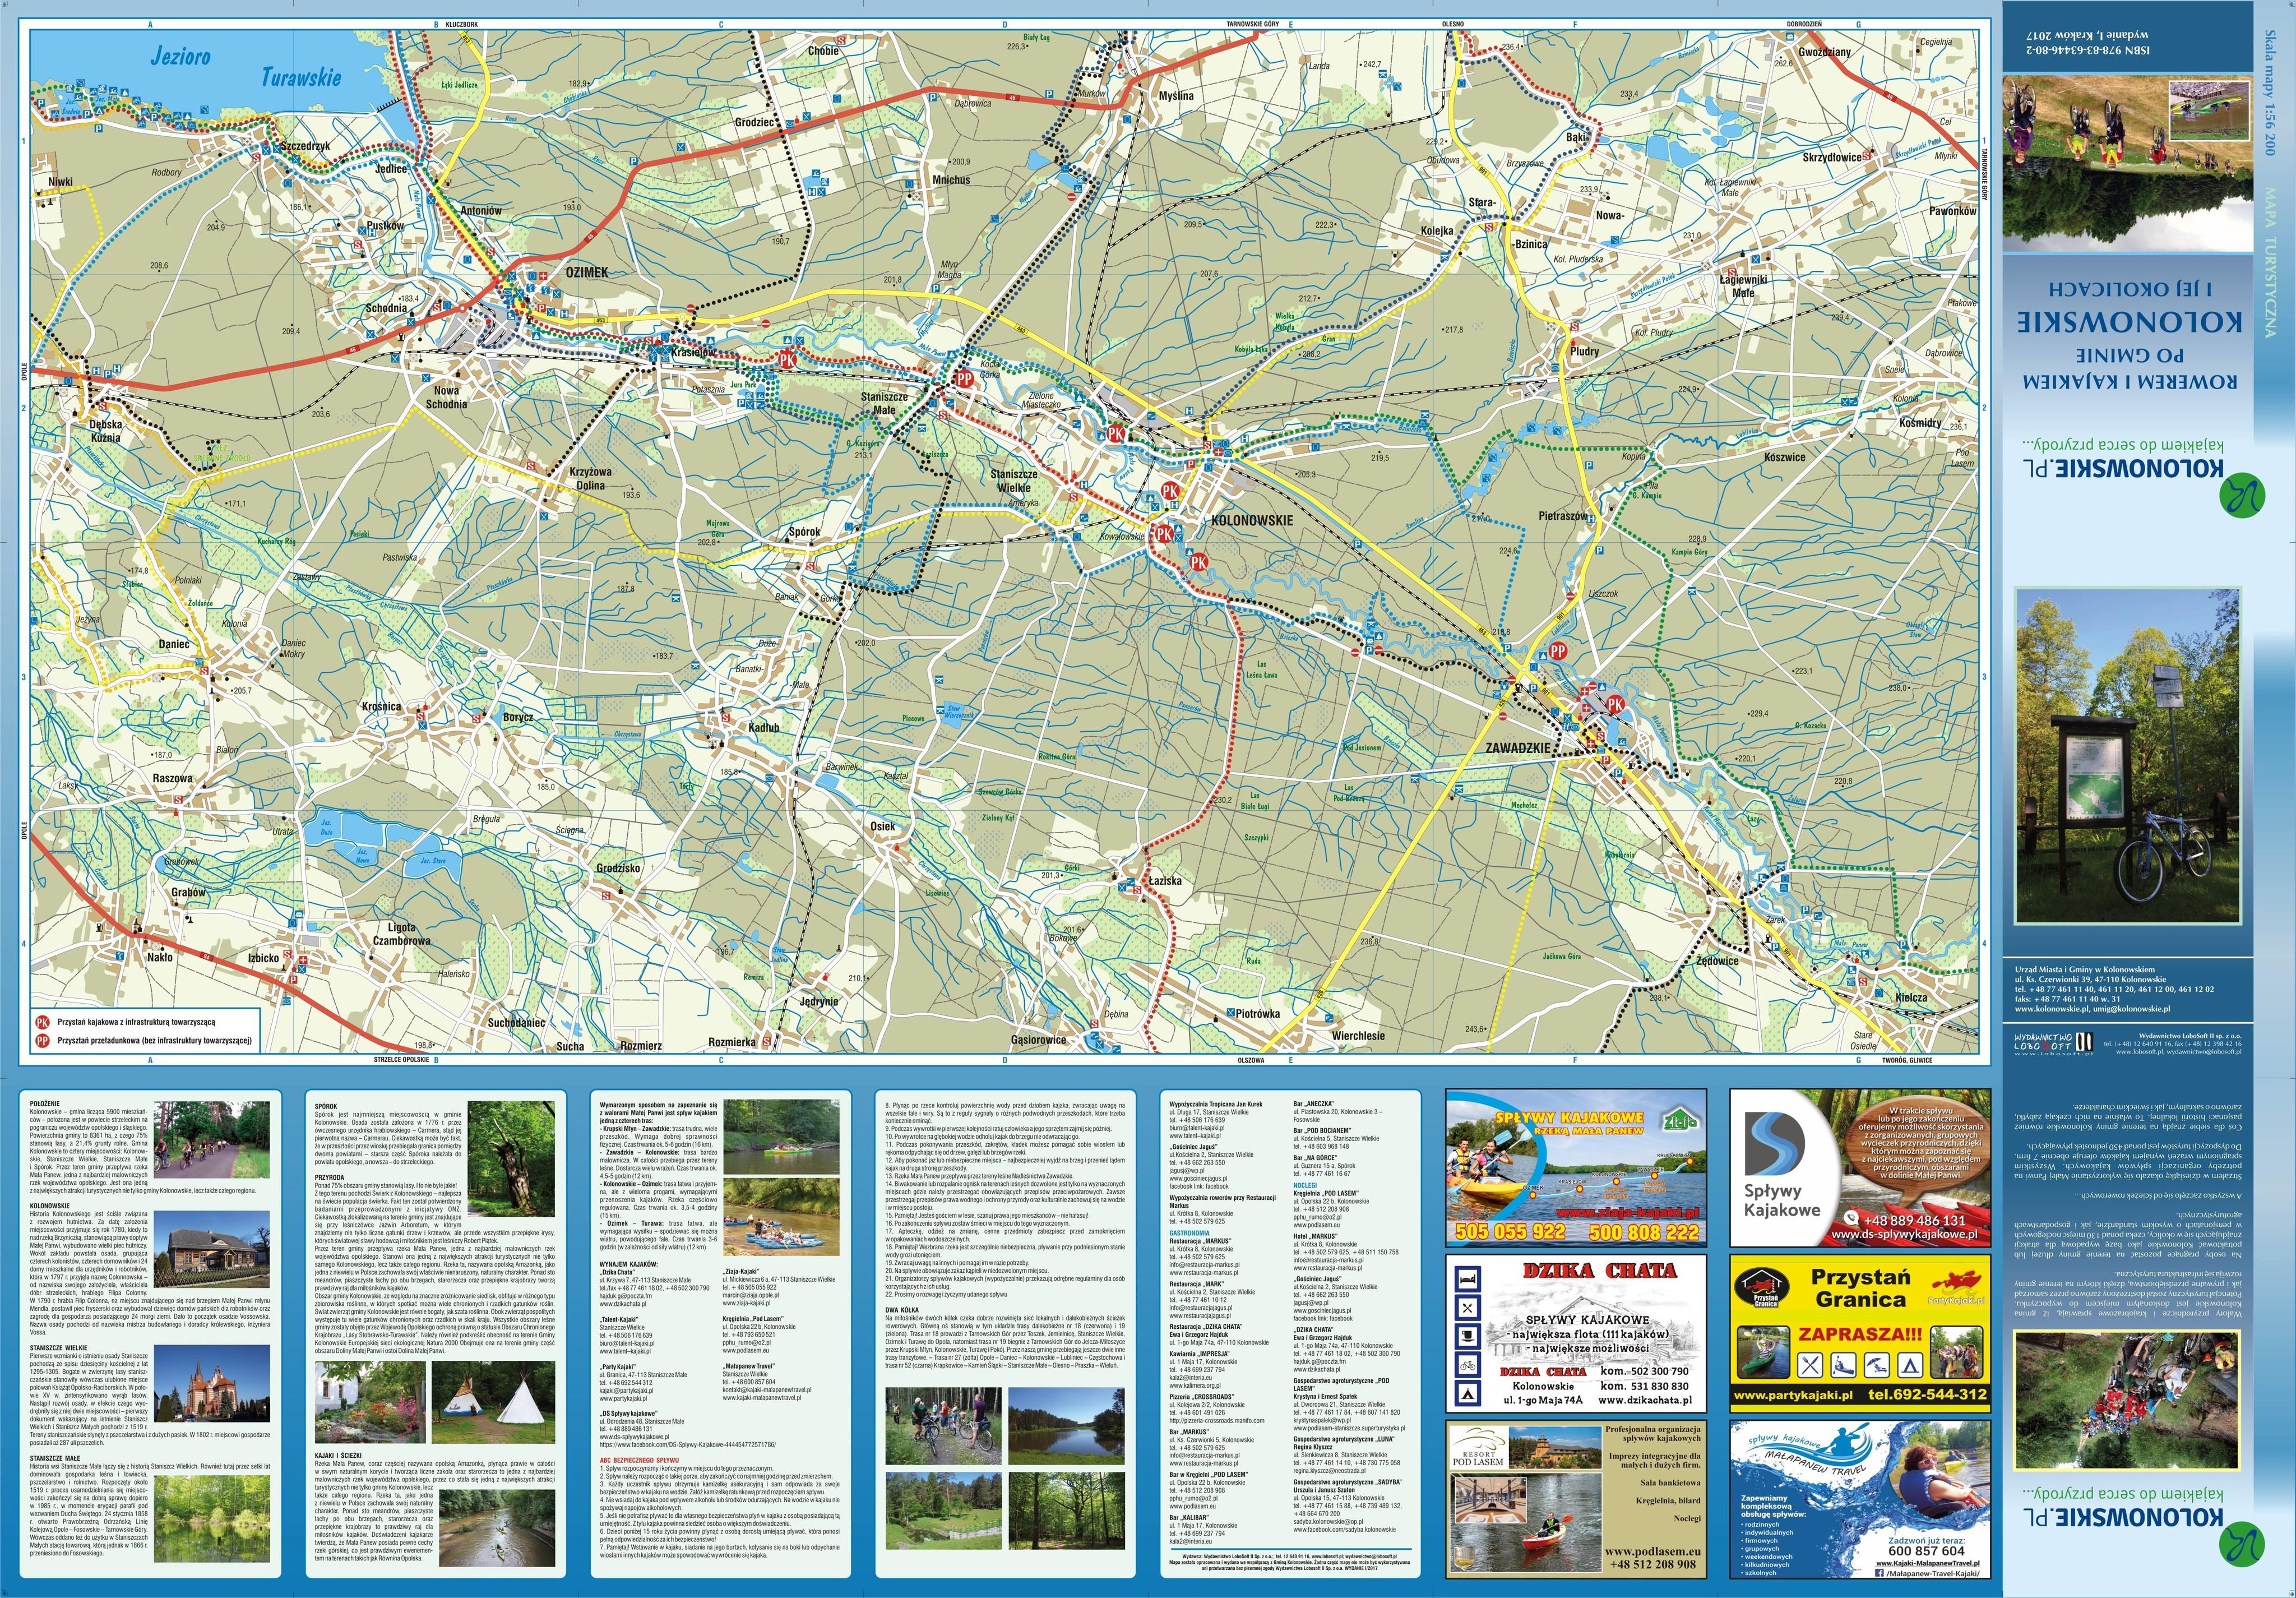 Mapa turystyczna Kolonowskie str. 2 - pobierz w wysokiej rozdzielczości